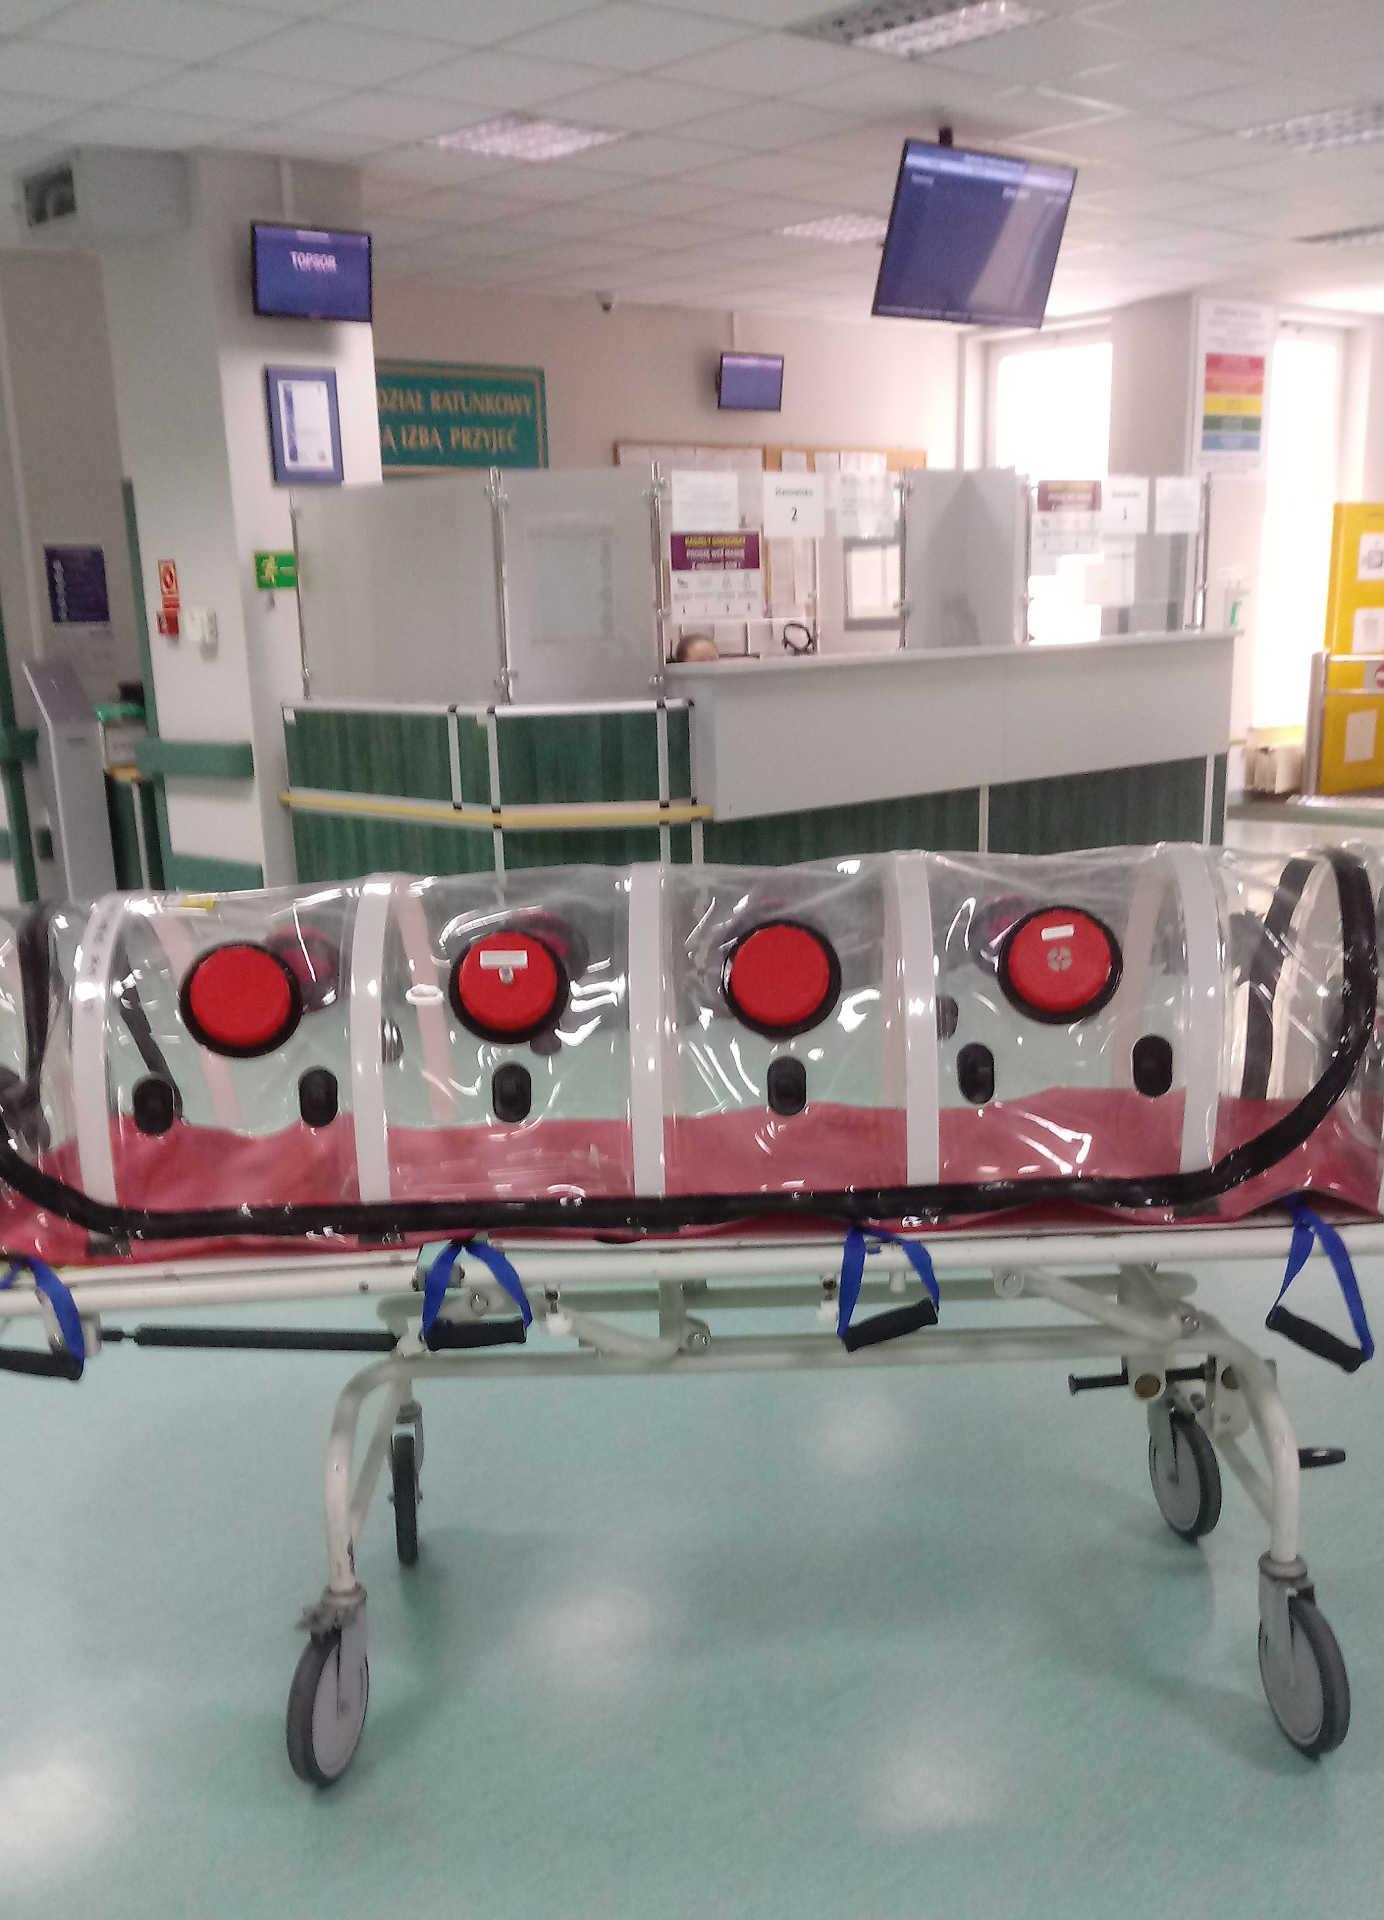 nowy-sprzet-w-ramach-projektu-malopolska-tarcza-antykryzysowa-pakiet-medyczny-2